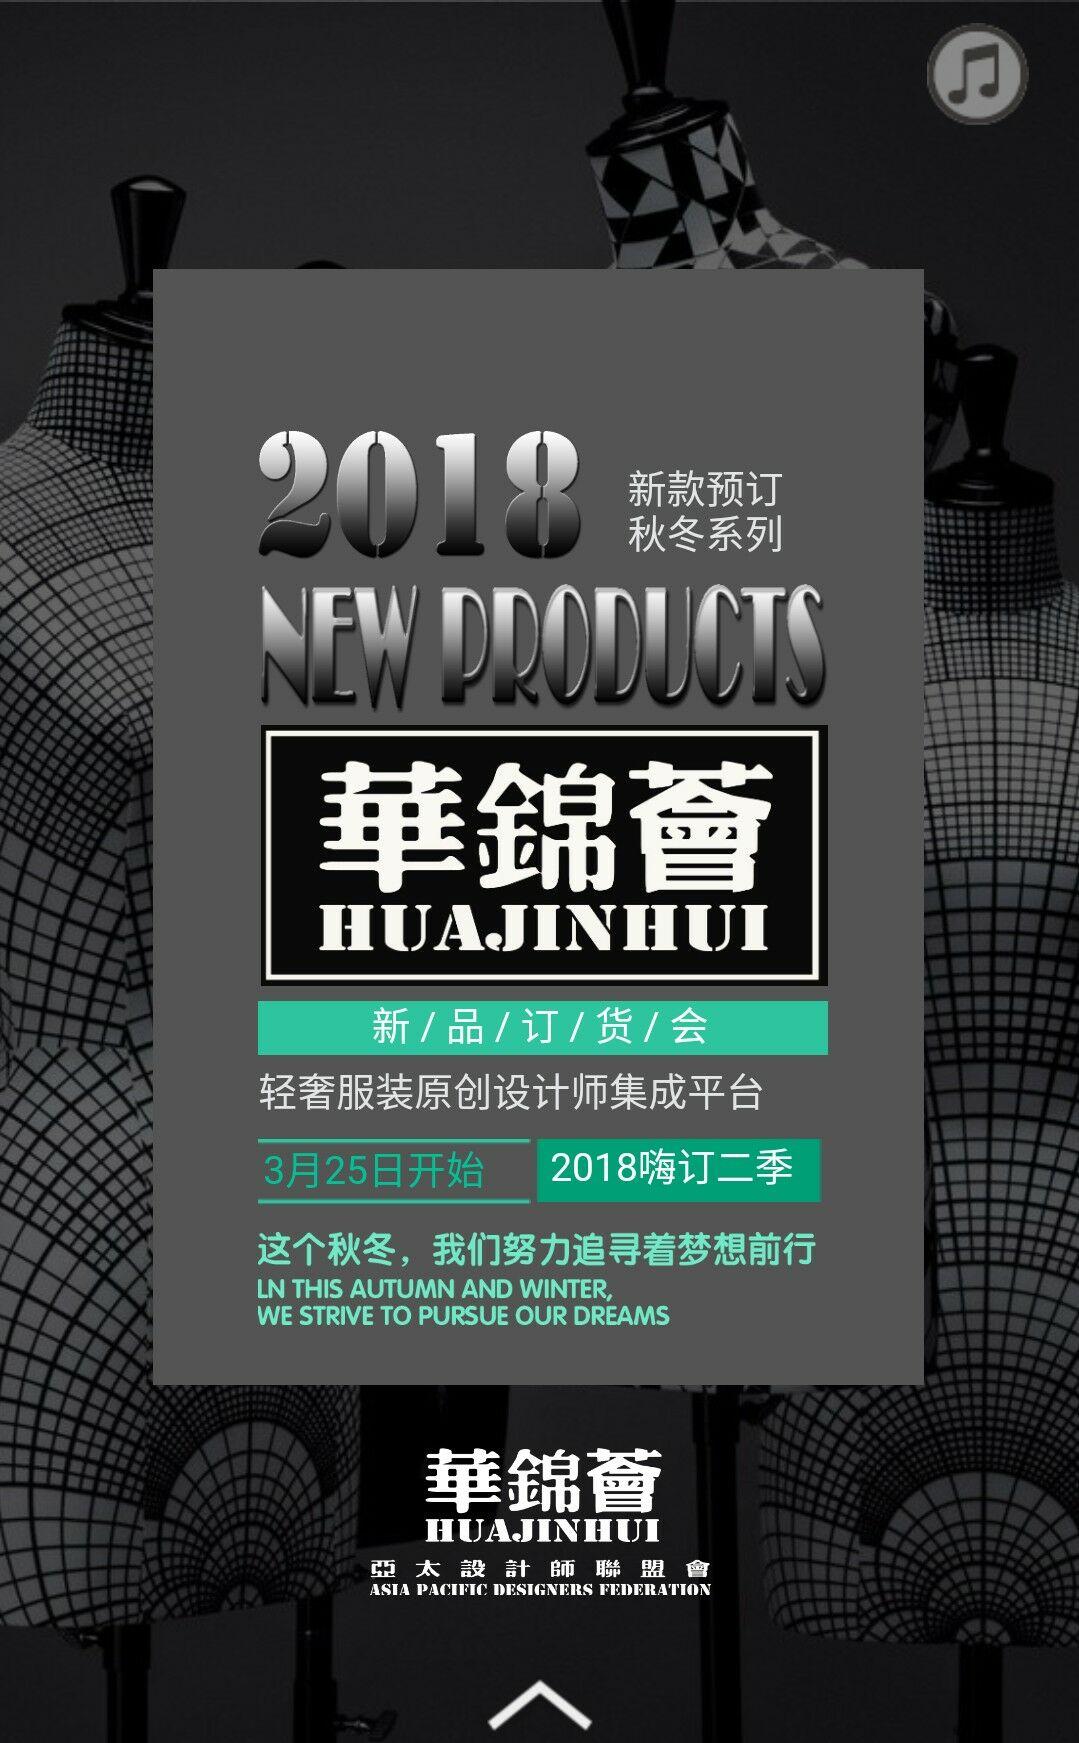 2018华锦荟秋冬系列新款预订